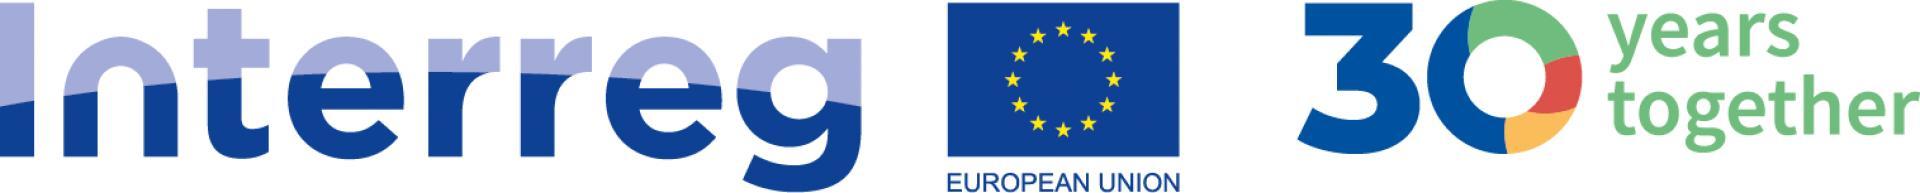 Spotkanie informacyjne o programach Interreg Europa Środkowa, Interreg Region Morza Bałtyckiego i Interreg Europa na lata 2021-2027 - zobacz więcej